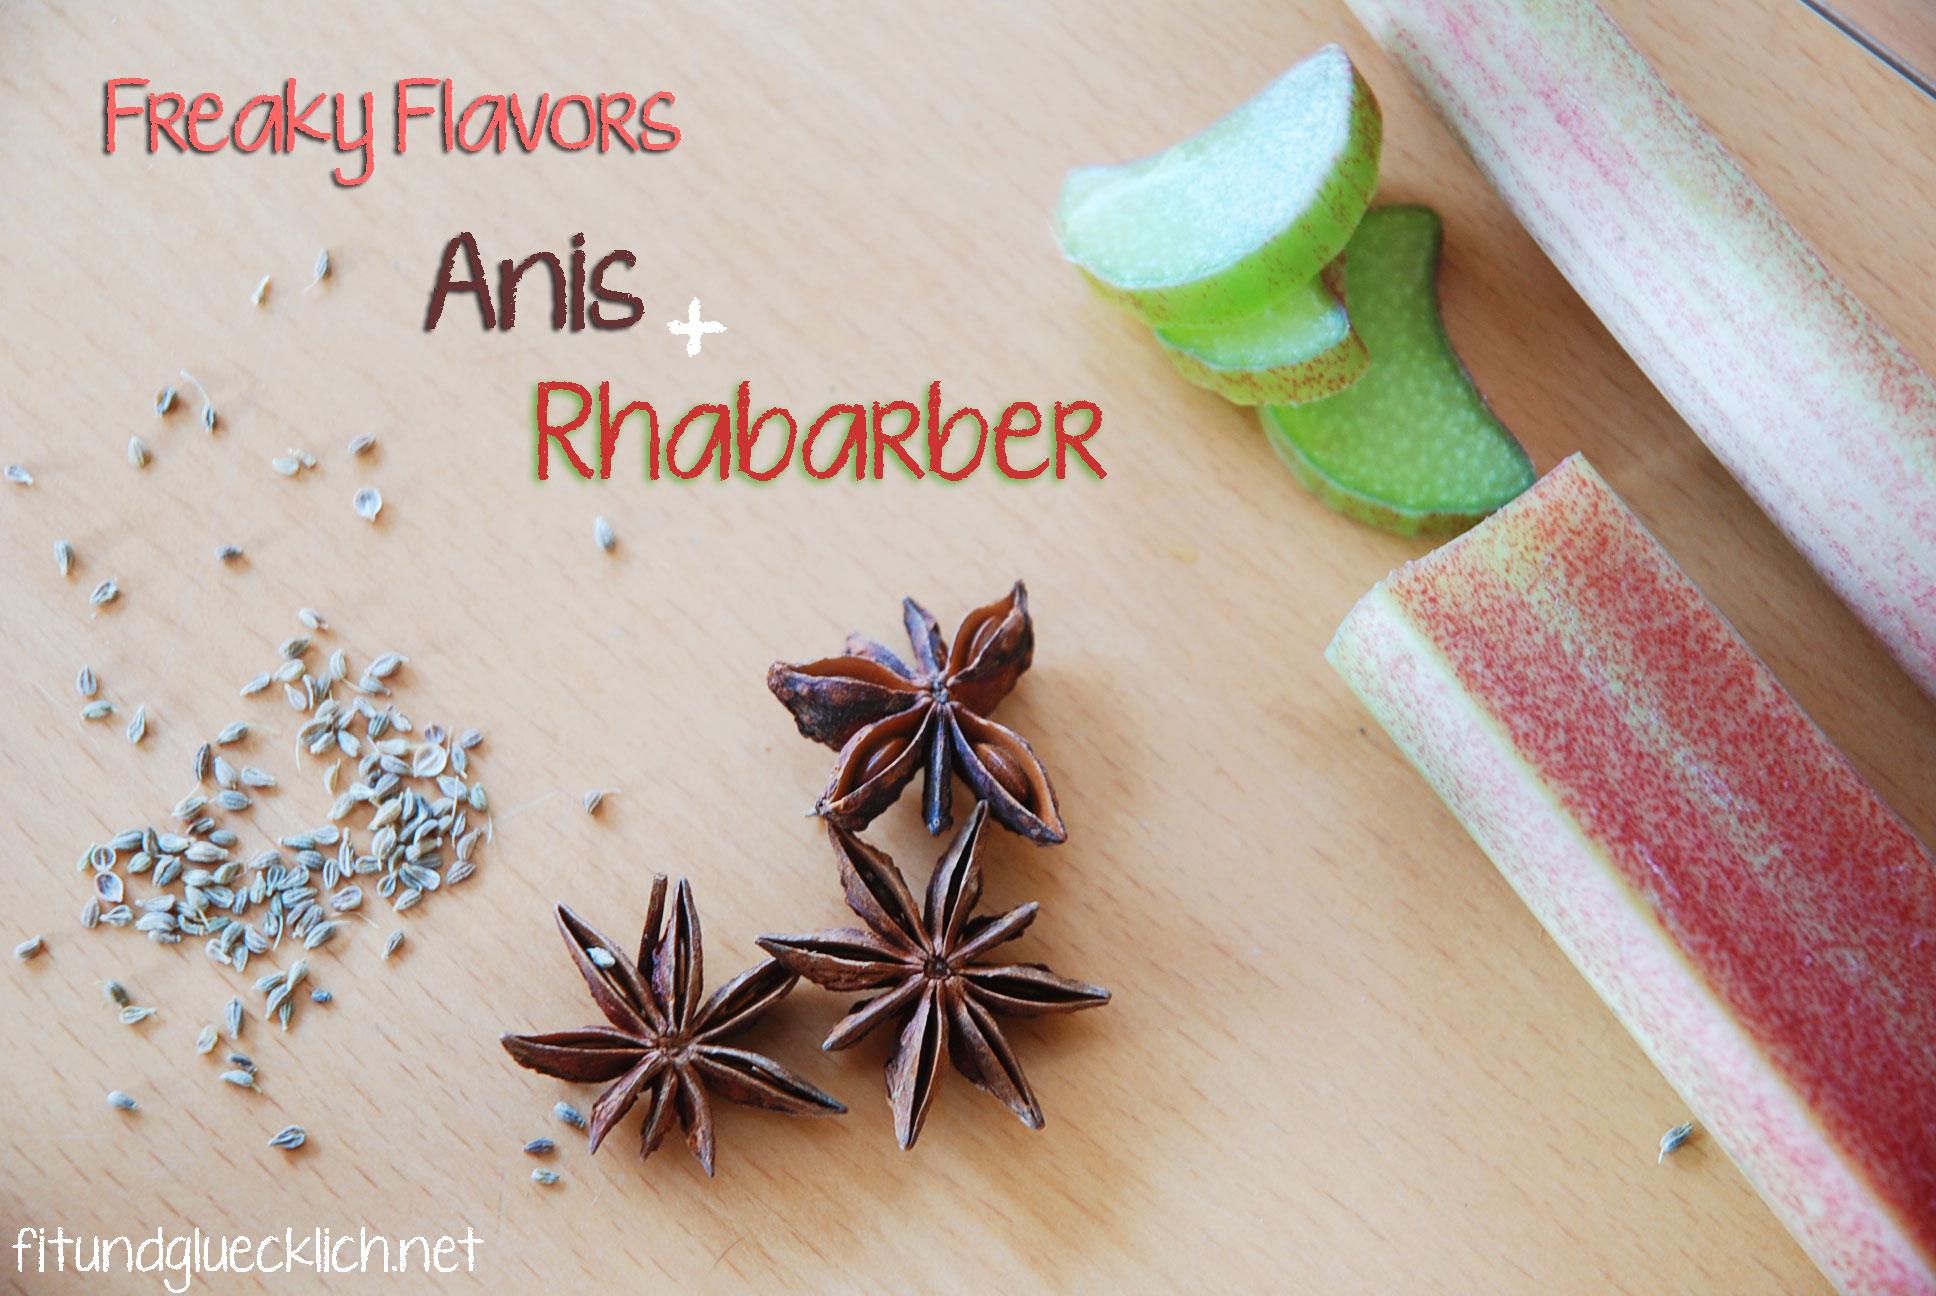 FF-Rhabarber-Anis-Chutney-2